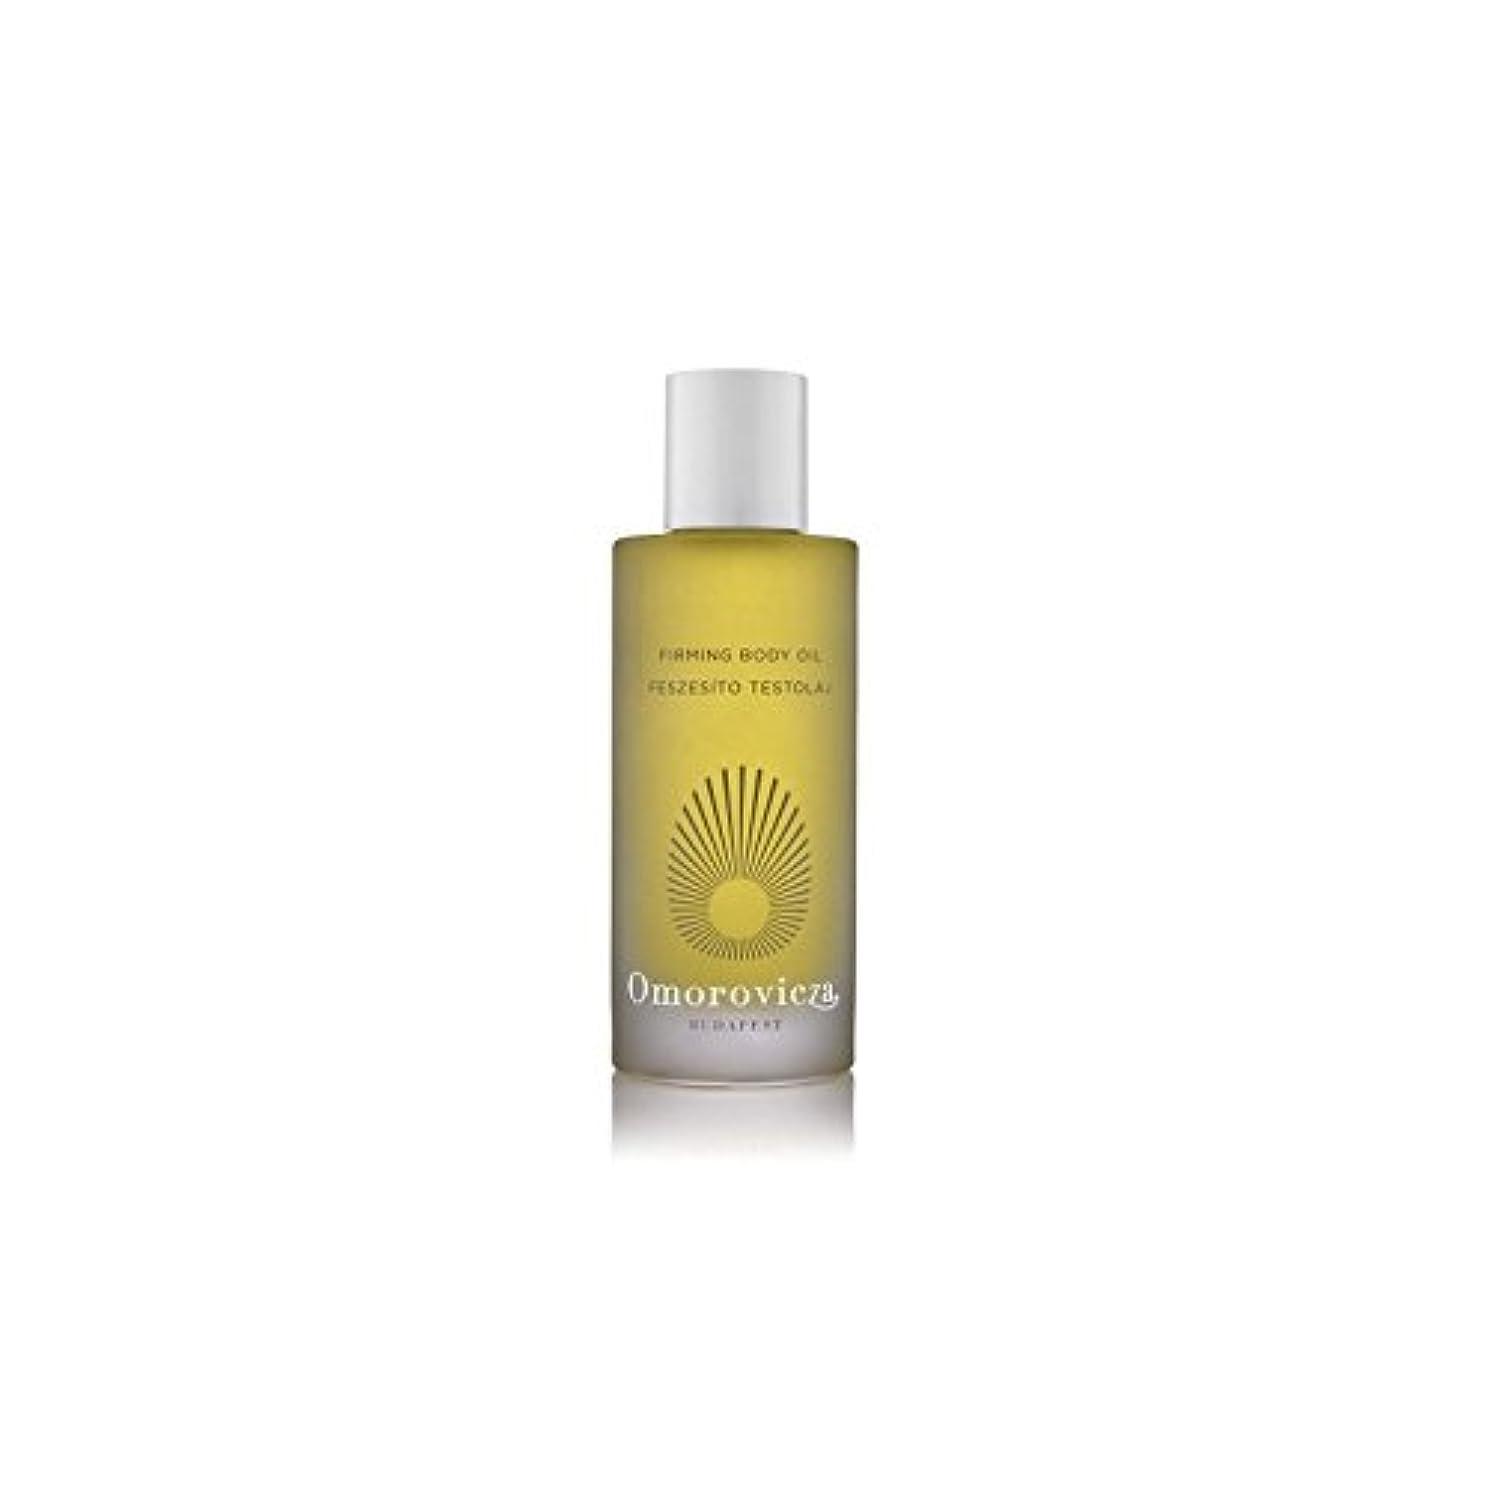 石マイルド私達Omorovicza Firming Body Oil (100ml) (Pack of 6) - 引き締めボディオイル(100ミリリットル) x6 [並行輸入品]